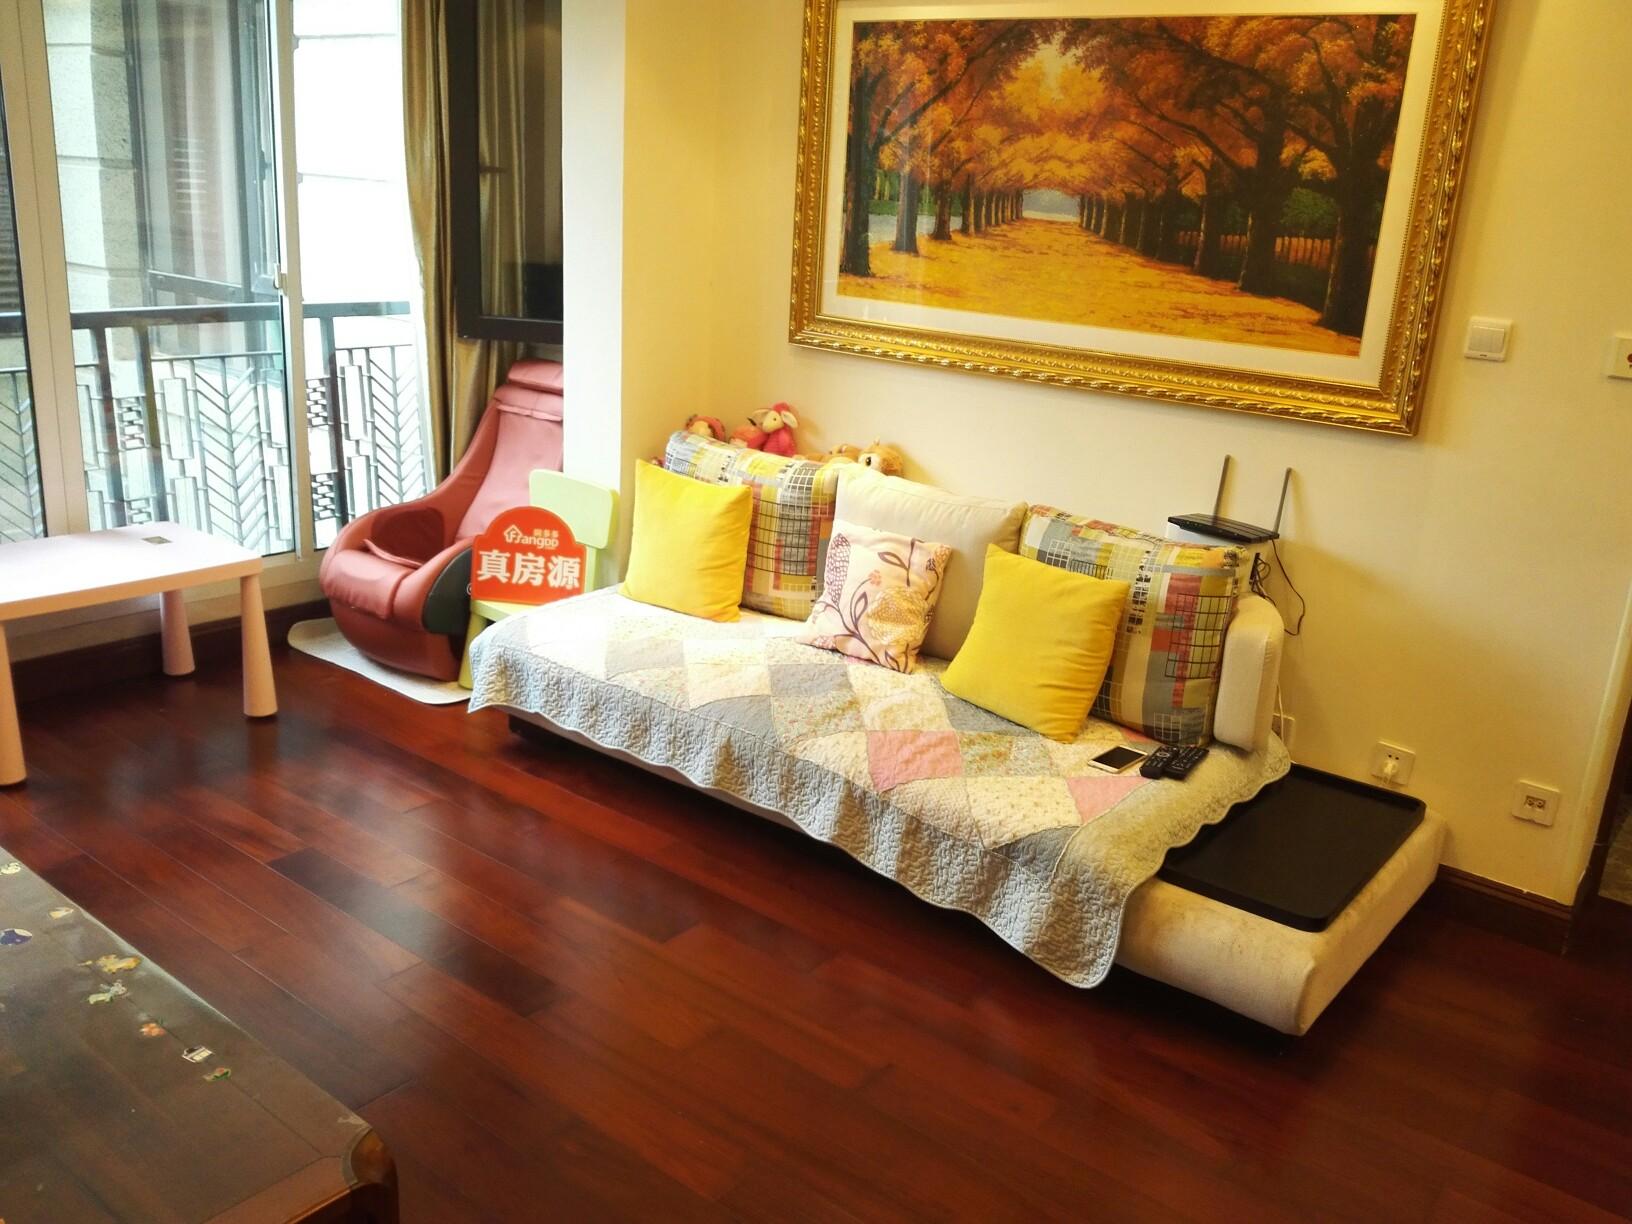 中海御景熙岸(公寓)3室2厅88.41平